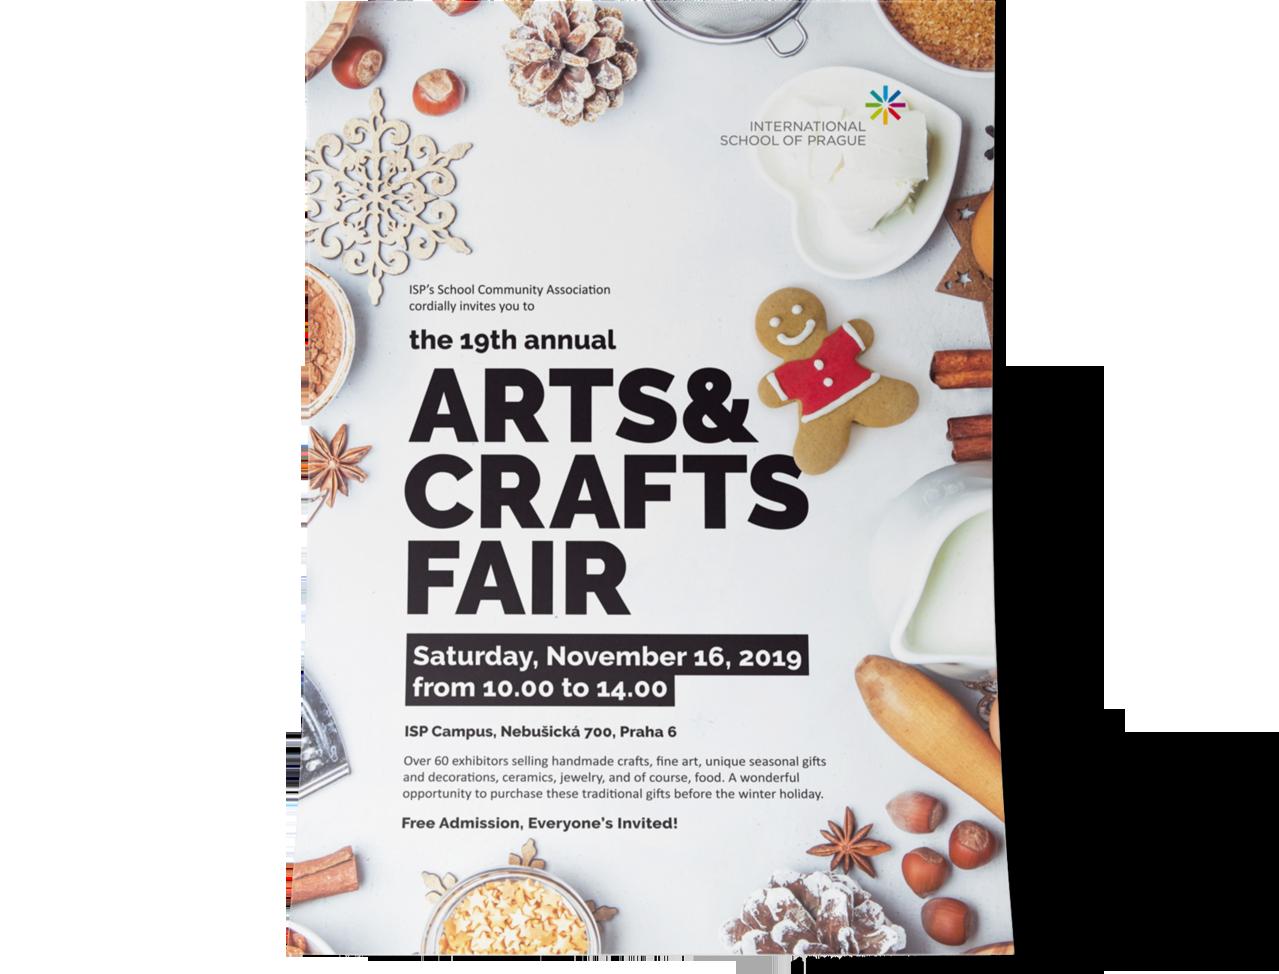 urviho-novinka-navrh-plakatu-arts-crafts-fair-pro-ISP-02